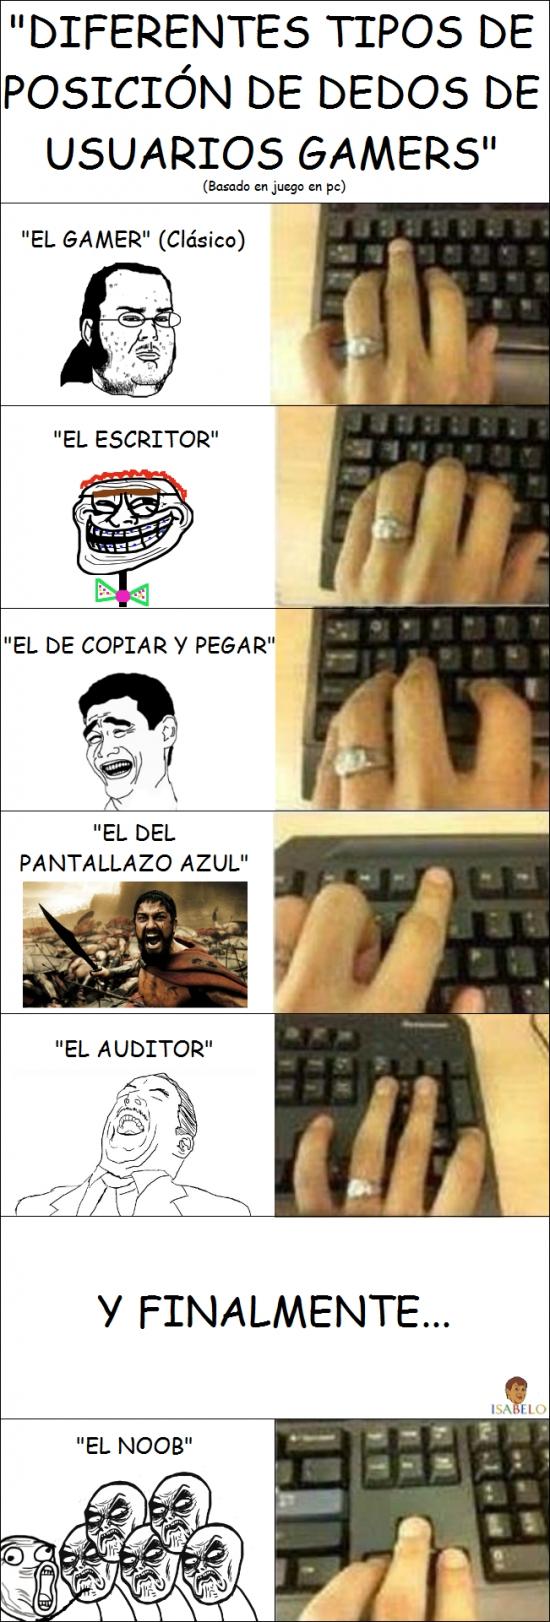 Infinito_desprecio - Y tú, ¿cómo colocas tus dedos?